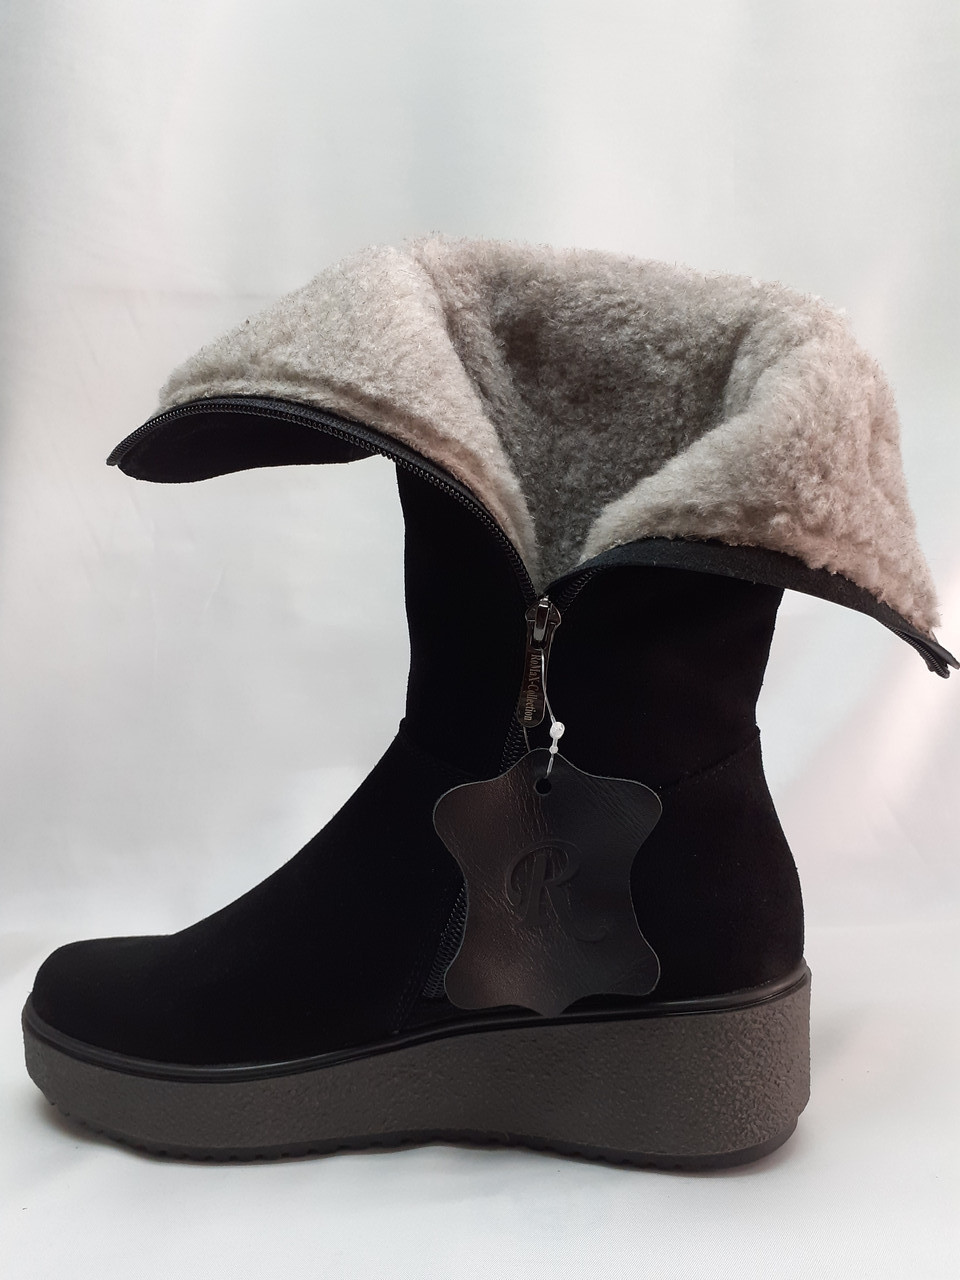 Зимние комфортные женские замшевые полусапоки Romax